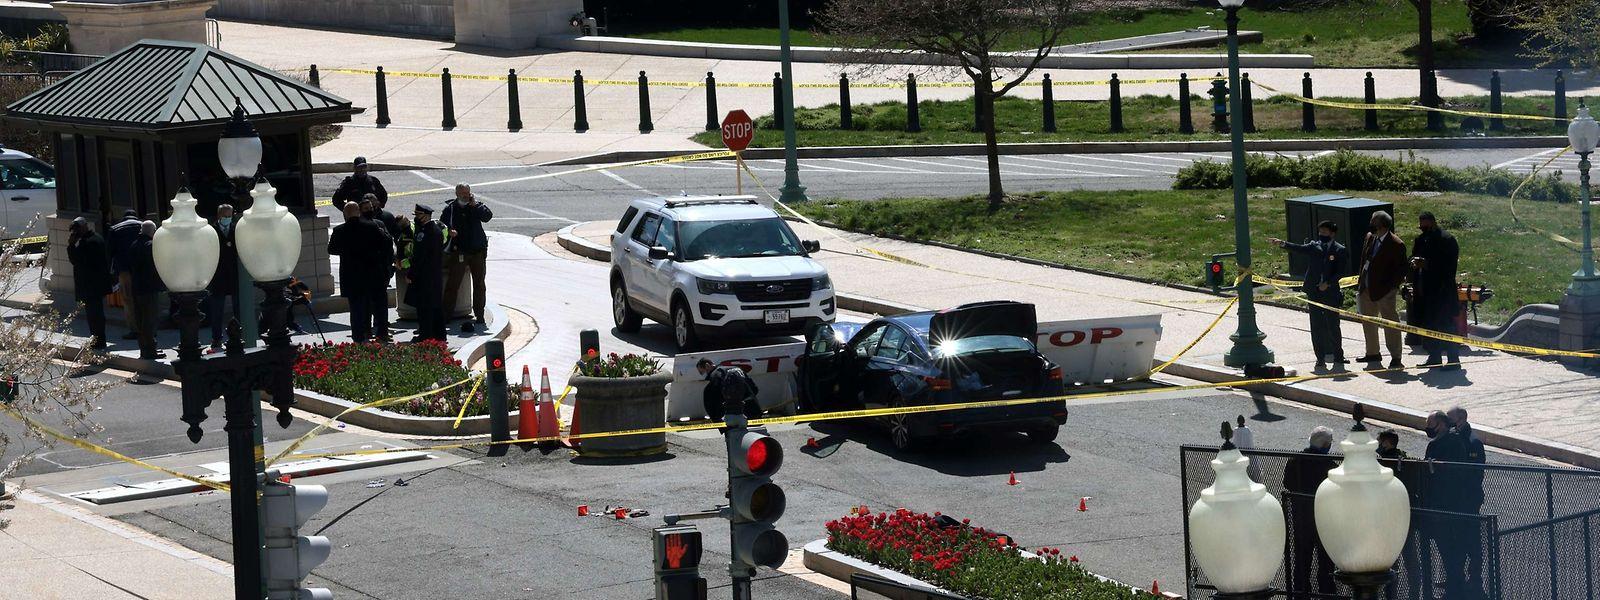 Das Auto rammte zwei an einer Barrikade stehende Beamte. Dann ging der Fahrer zu einem Messerangriff über.